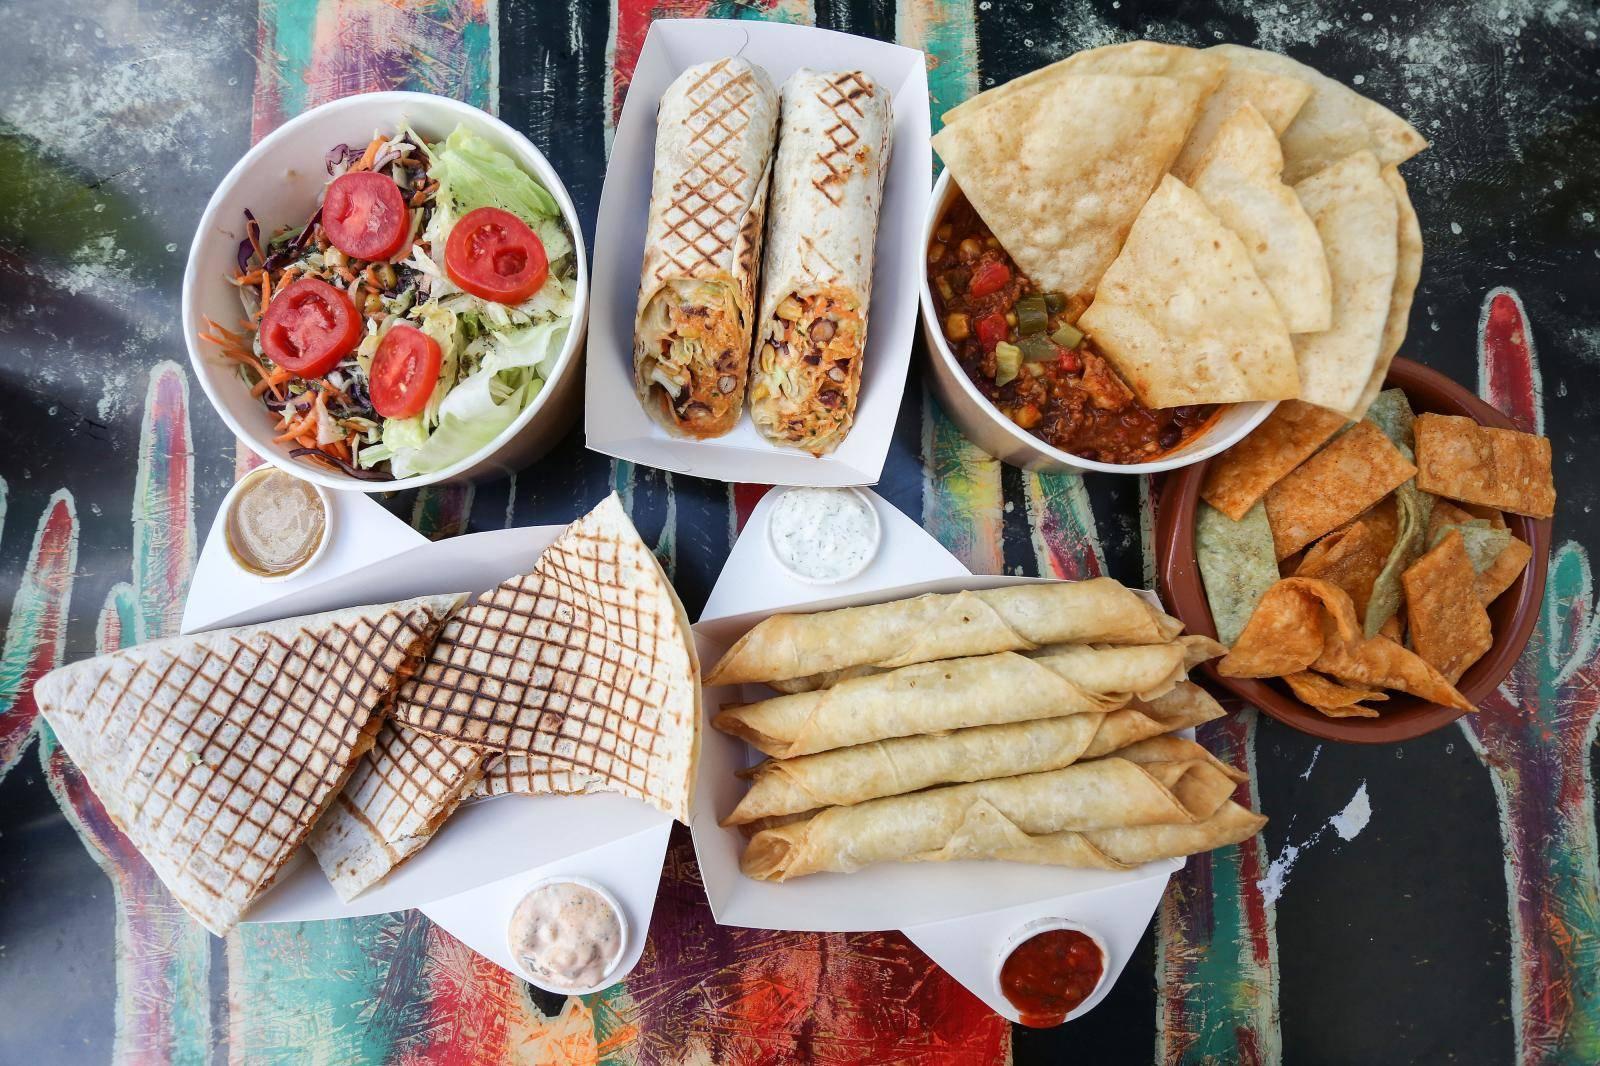 Sto lica tortilje: Smotaj i uživaj u taquitosima ili quesadillema